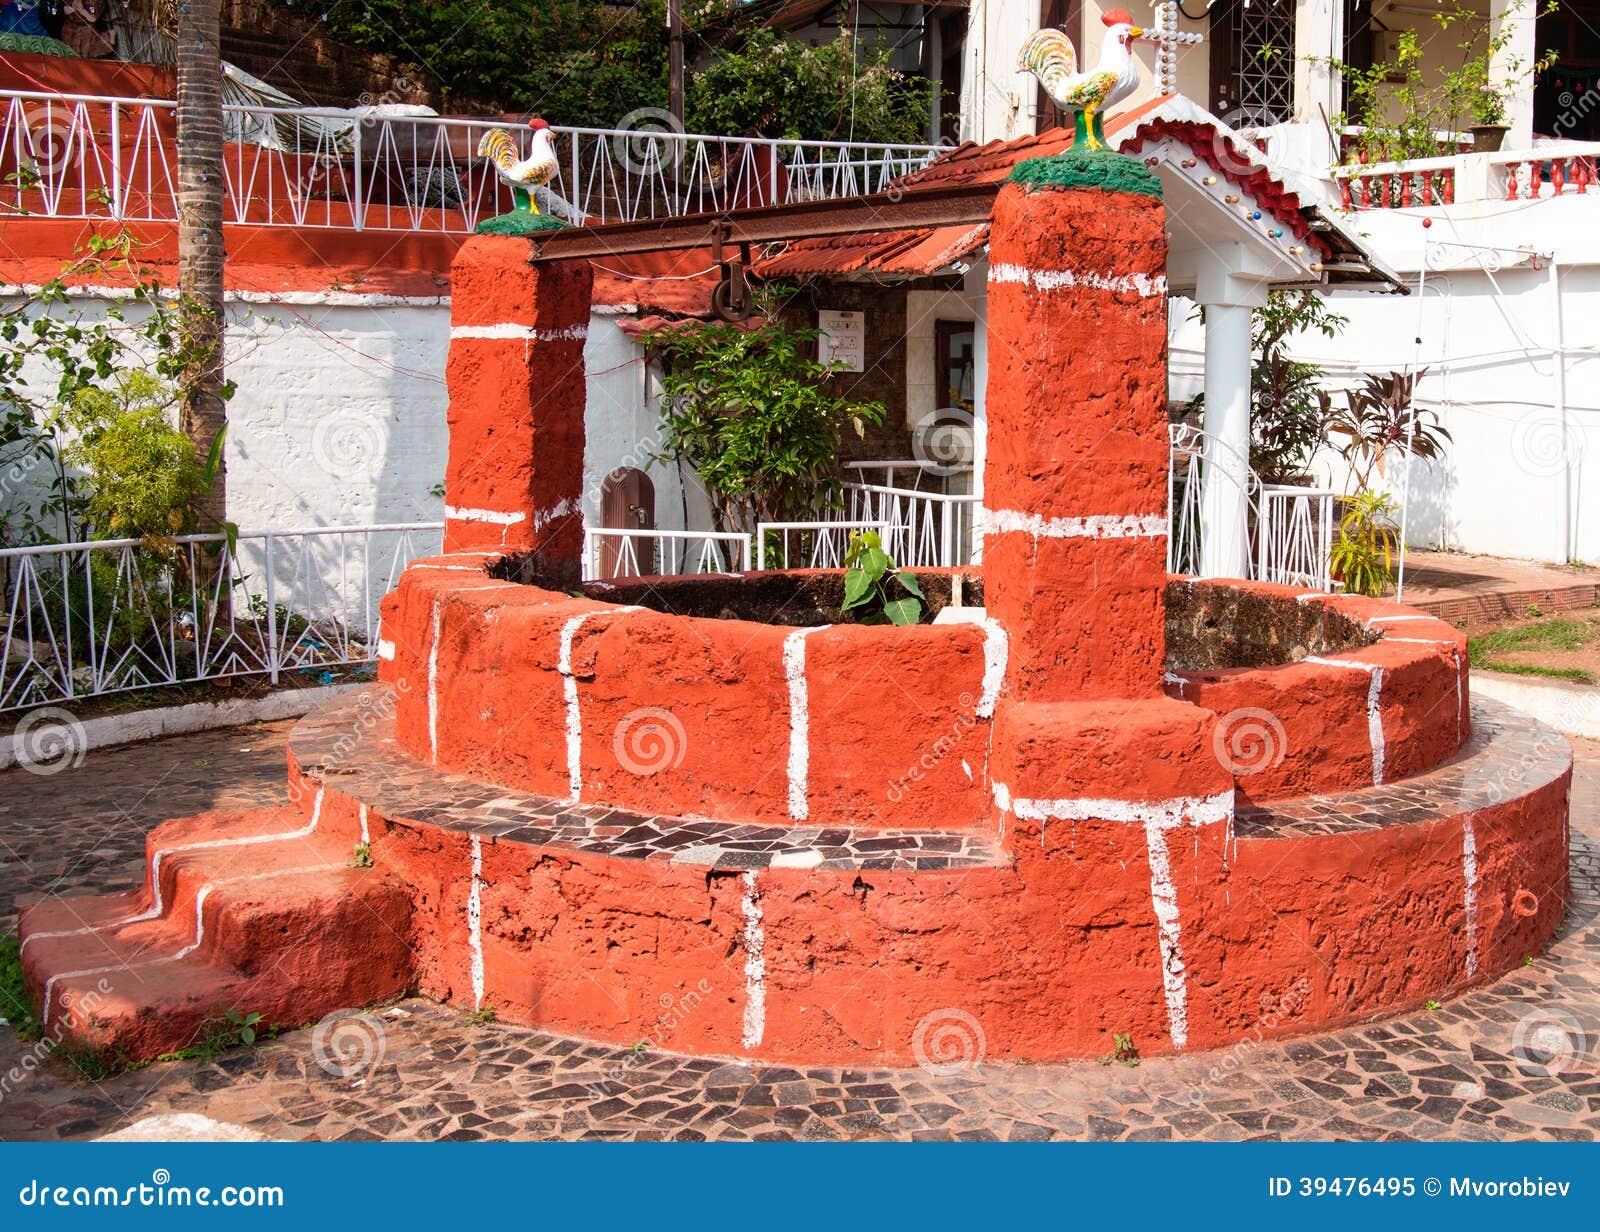 Tradycyjny stary dobrze, Goa, India